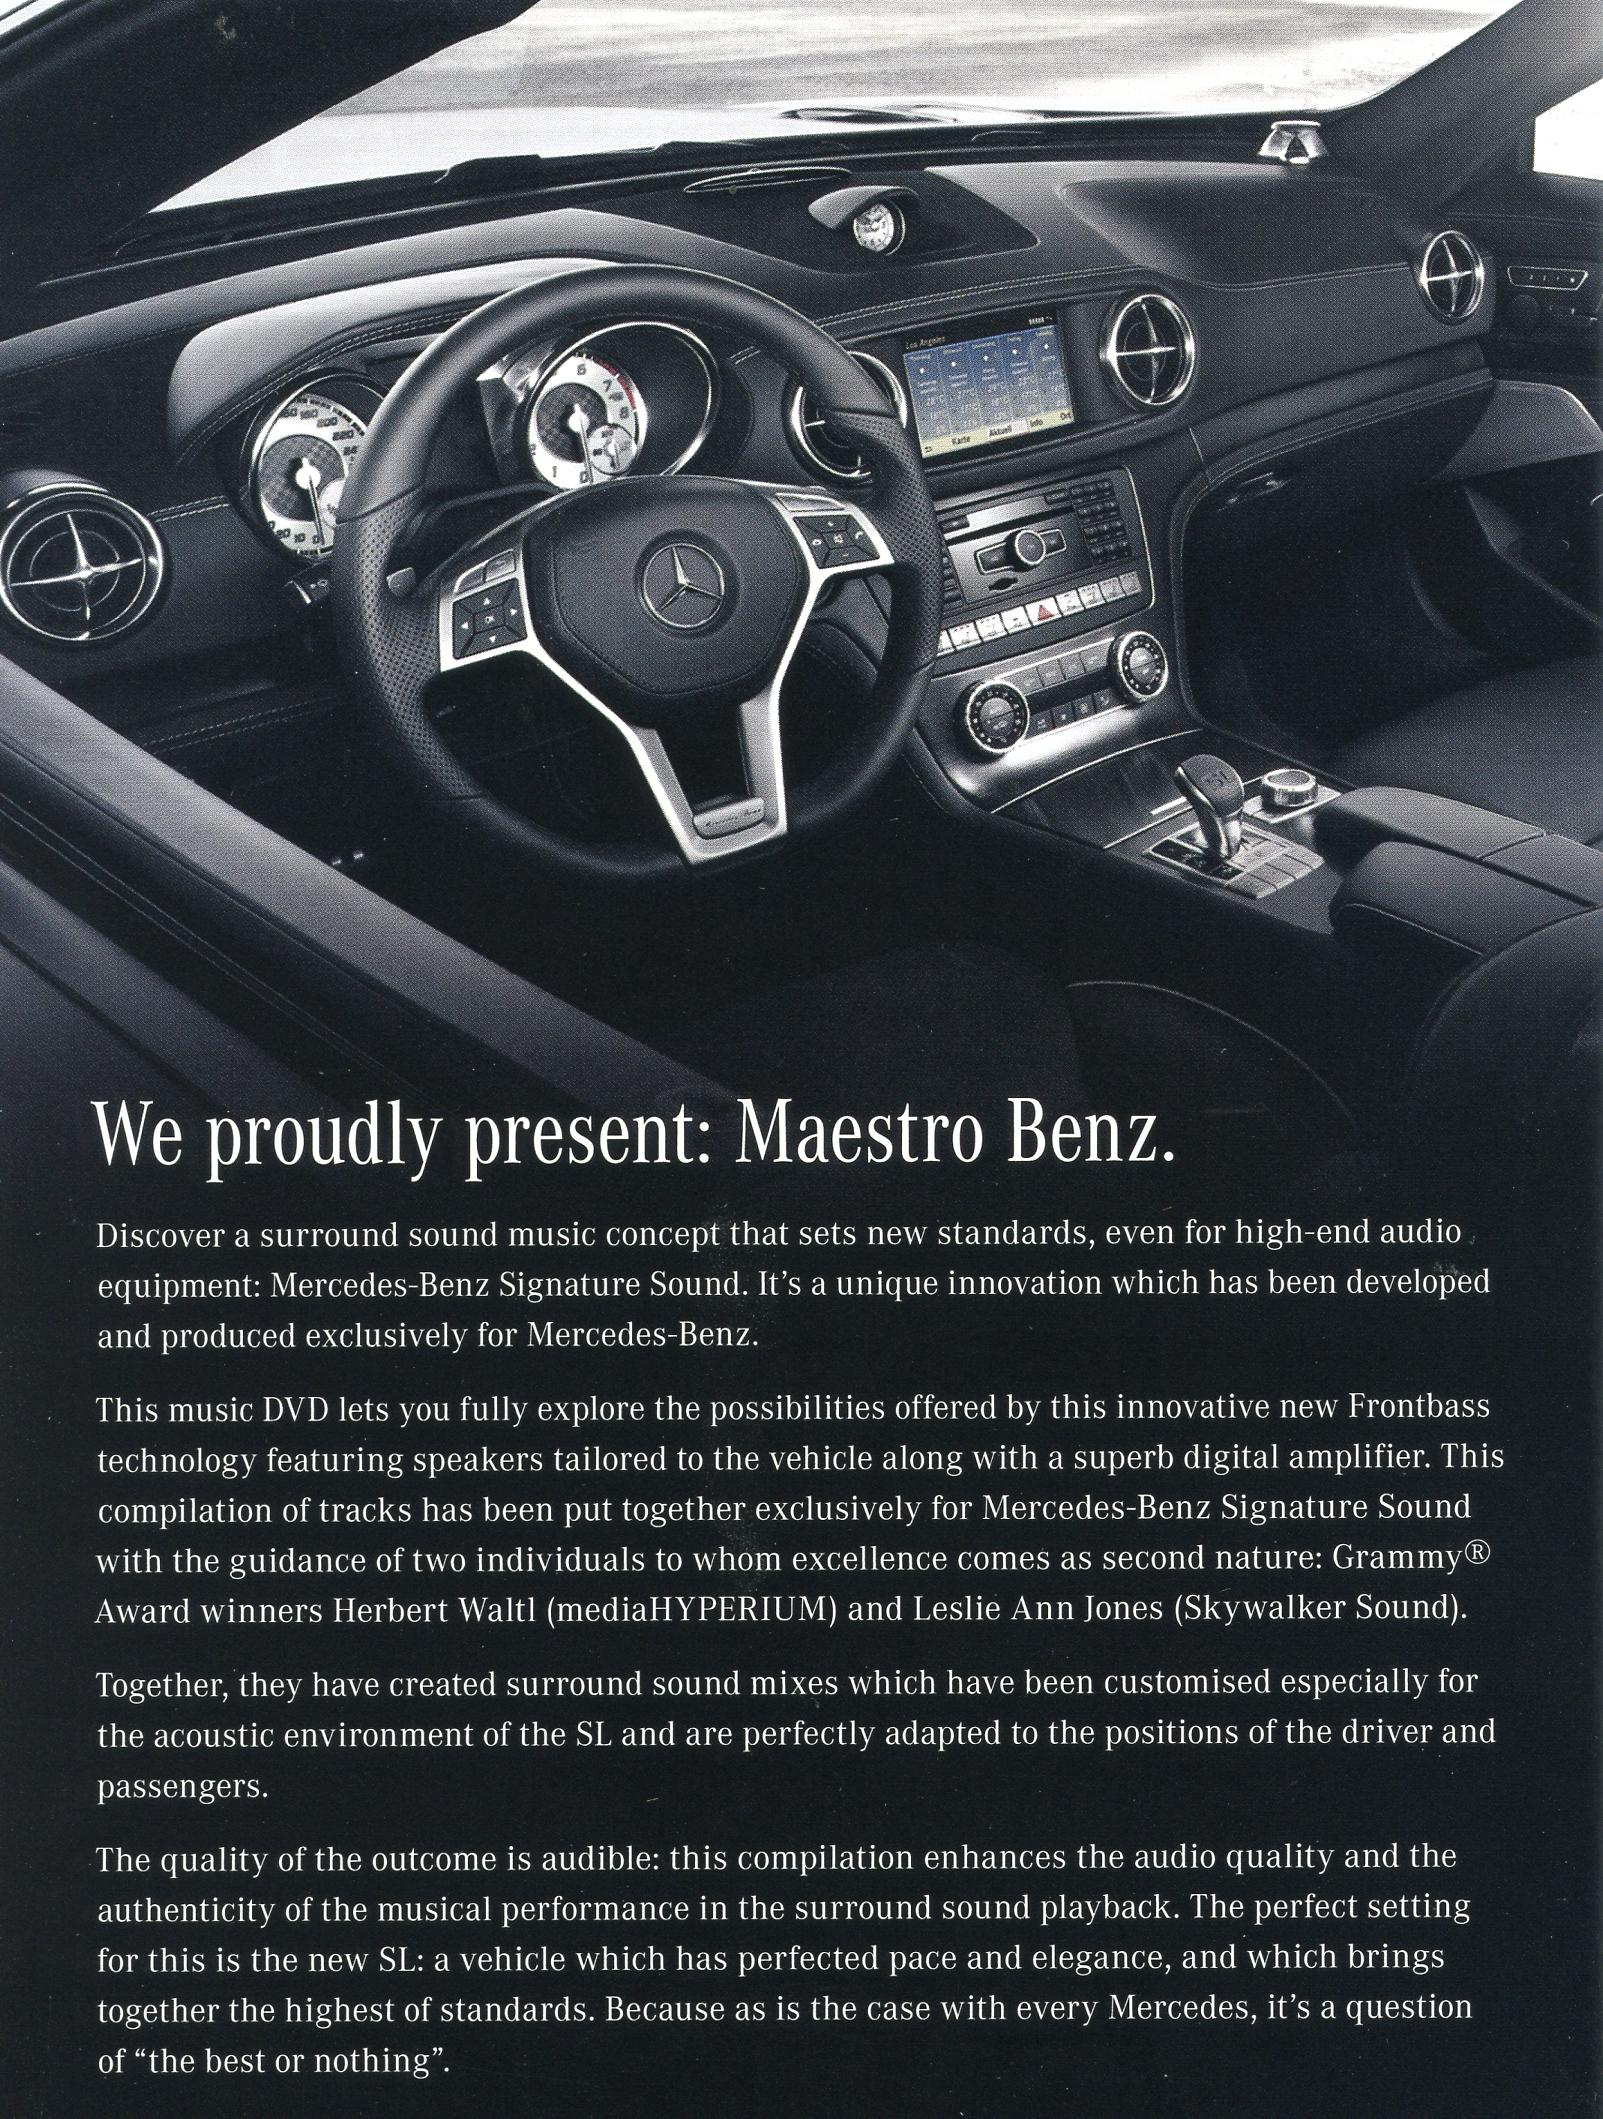 MercedesBenz_inside.jpg